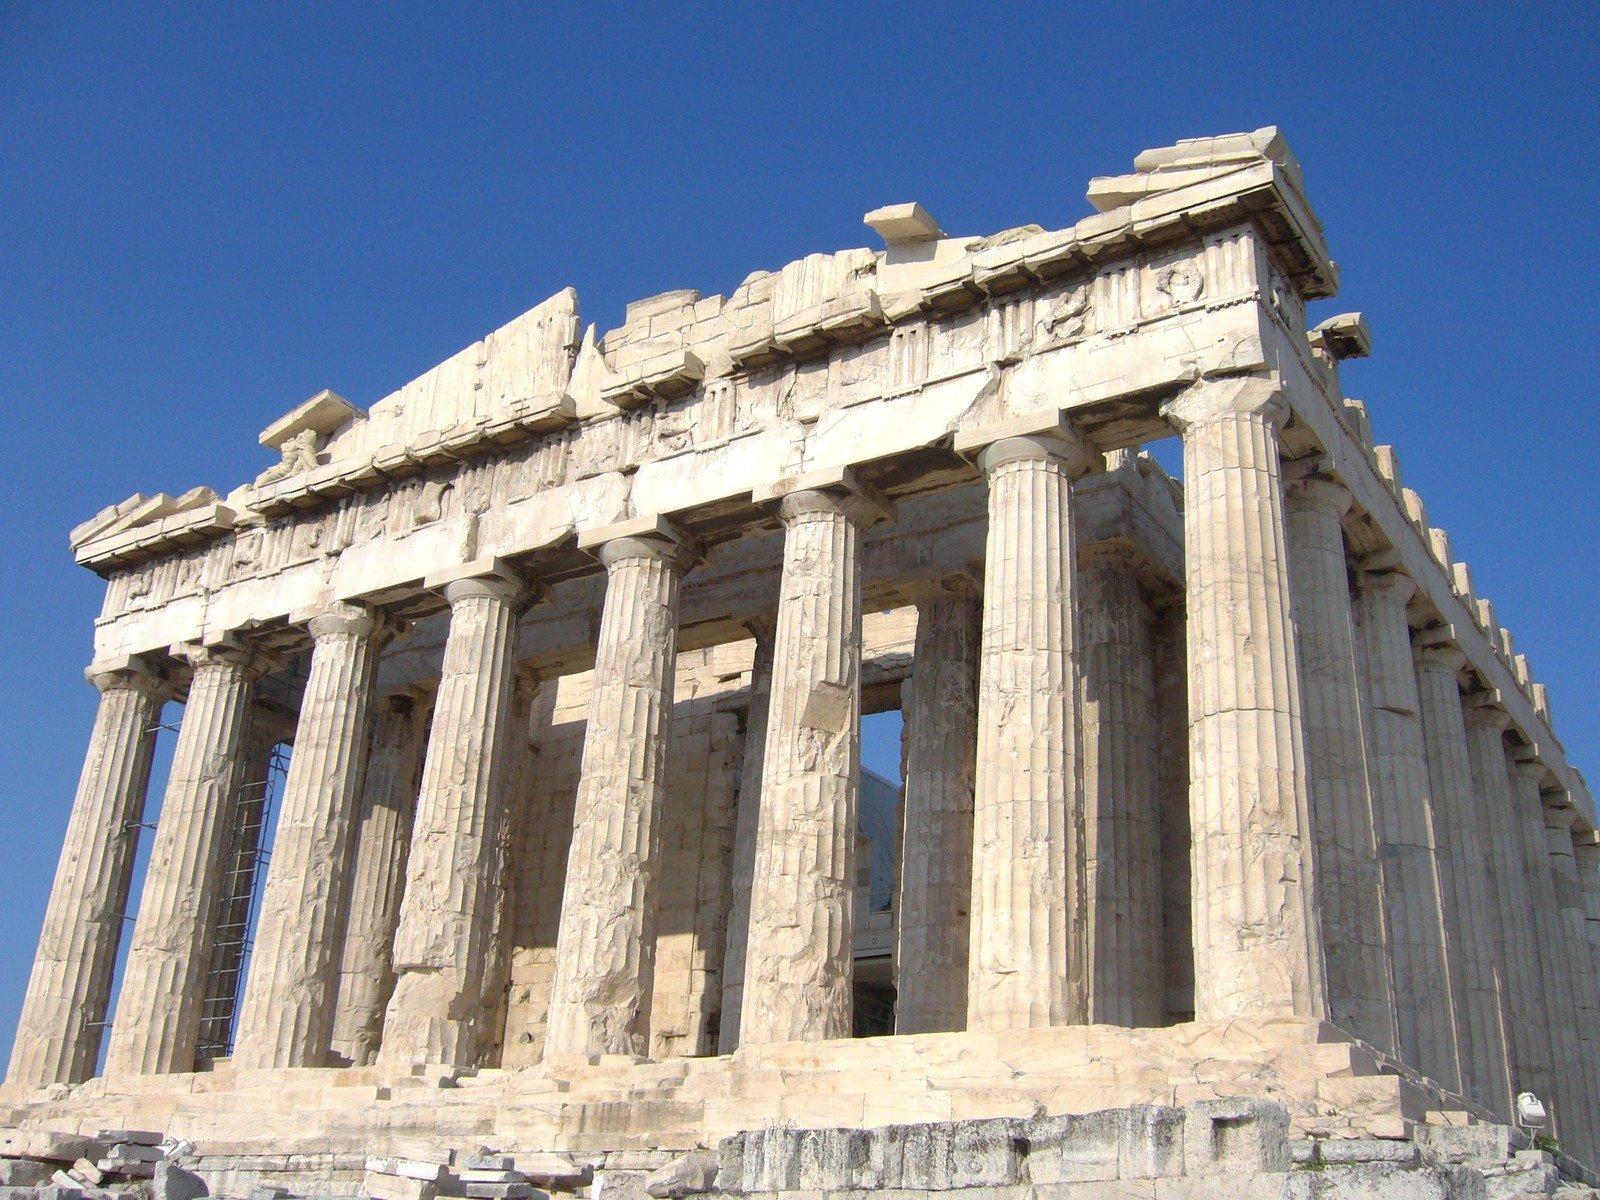 Parthenon on Acropolis, Athens